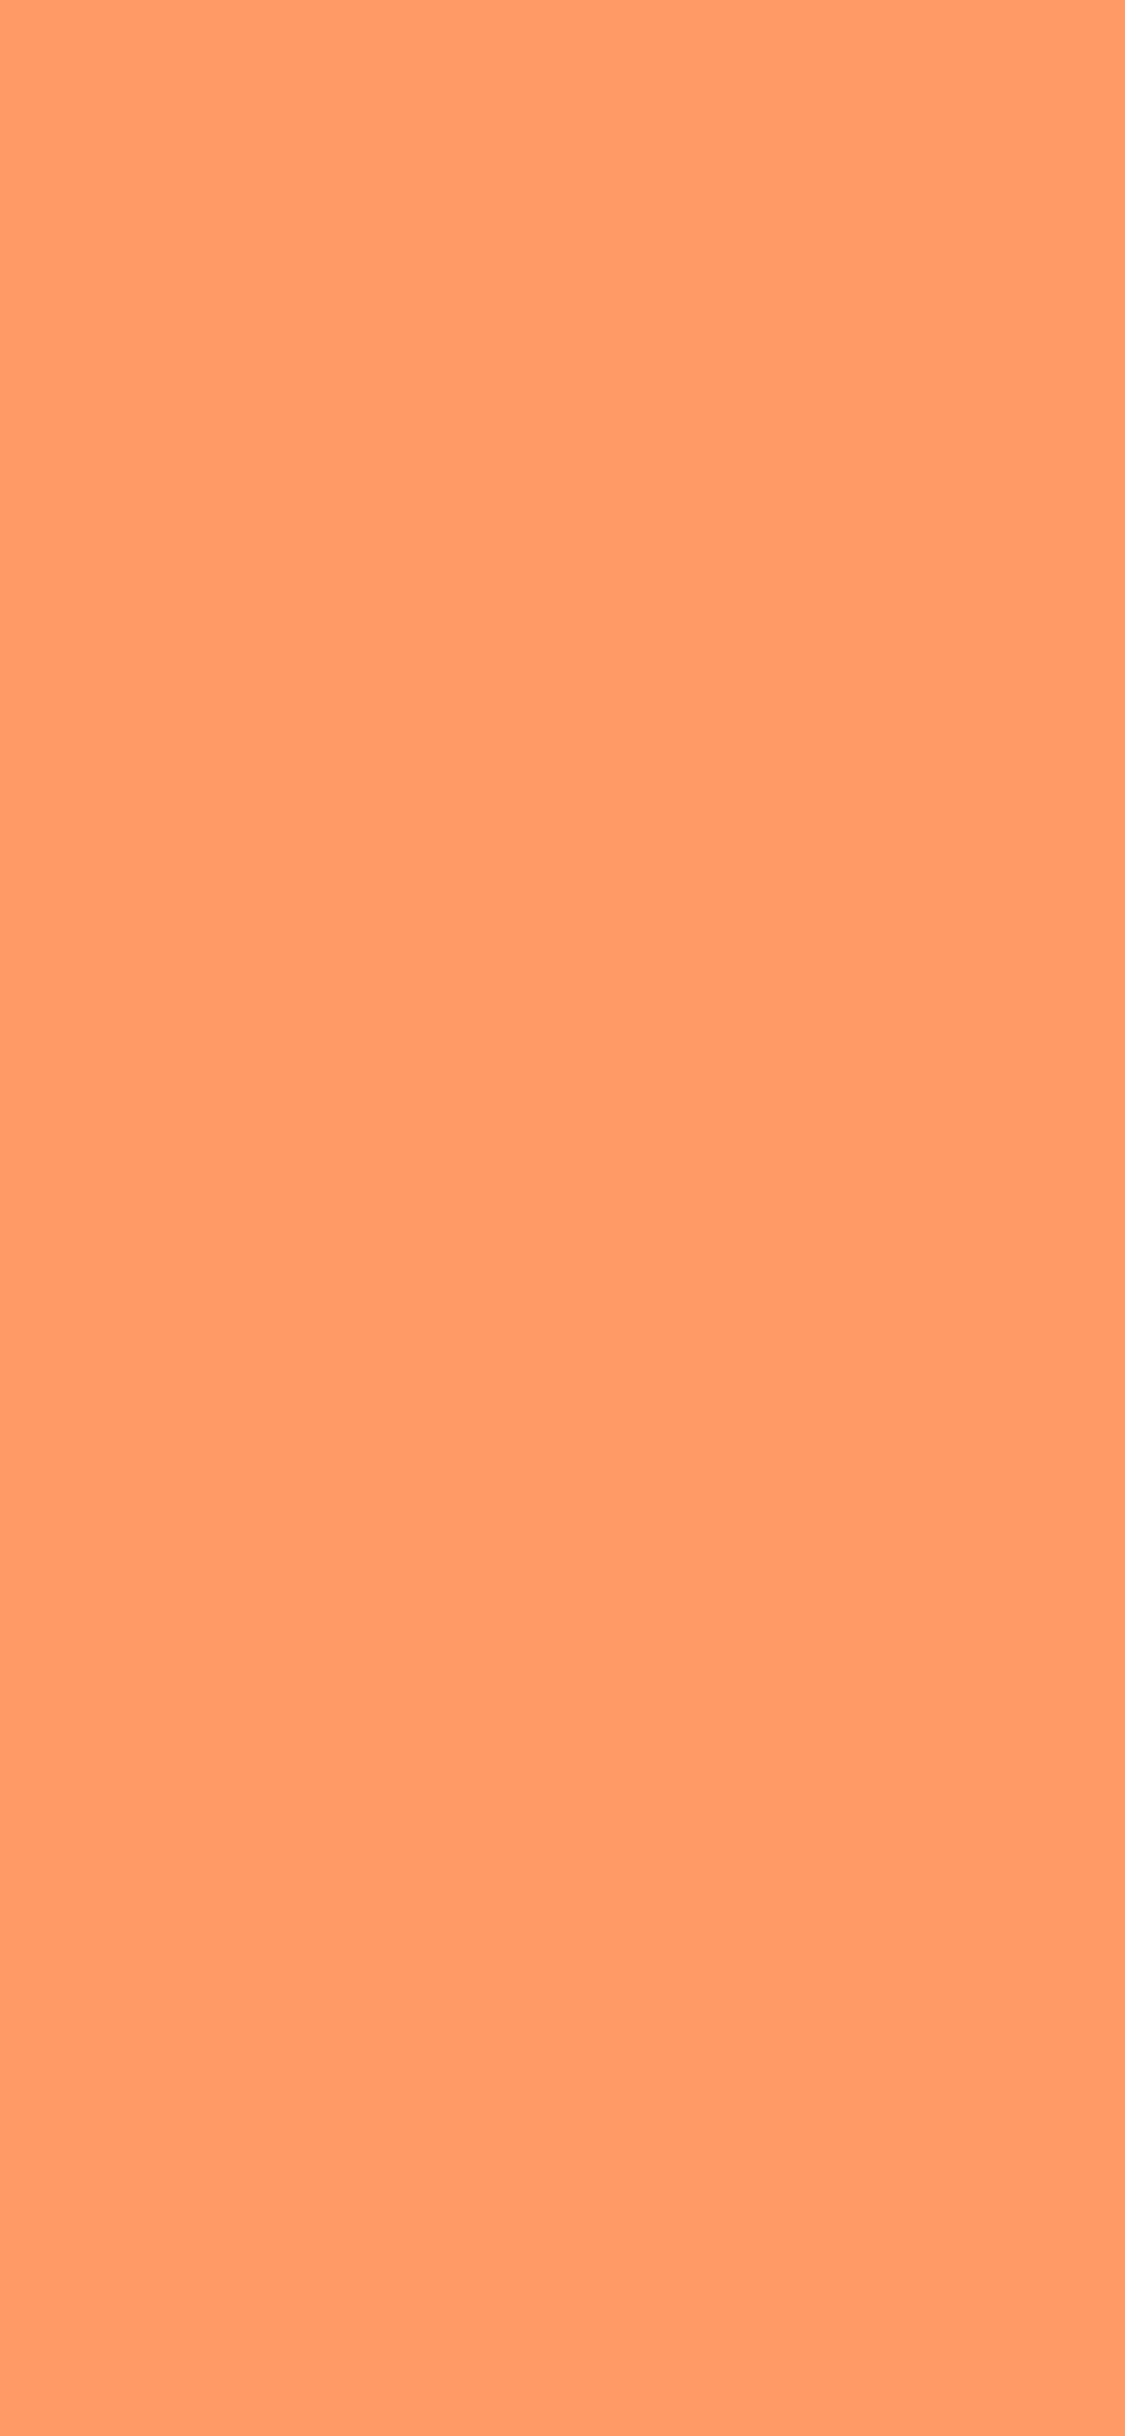 1125x2436 Pink-orange Solid Color Background